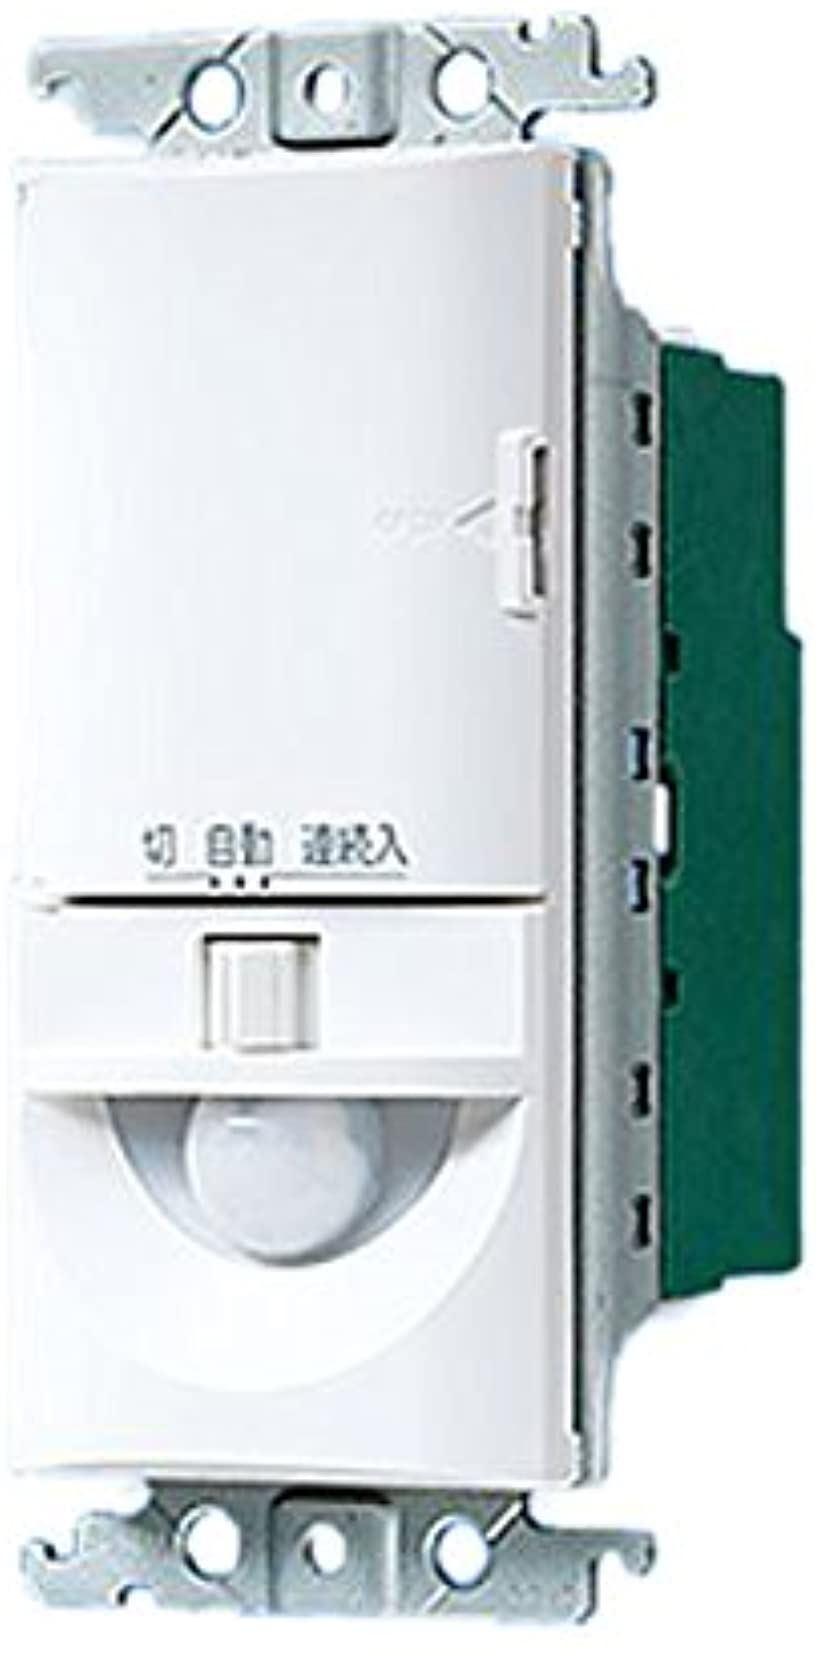 トイレ壁取付熱線センサ付自動スイッチ 換気扇連動用 ホワイト WTK1614W(ホワイト)